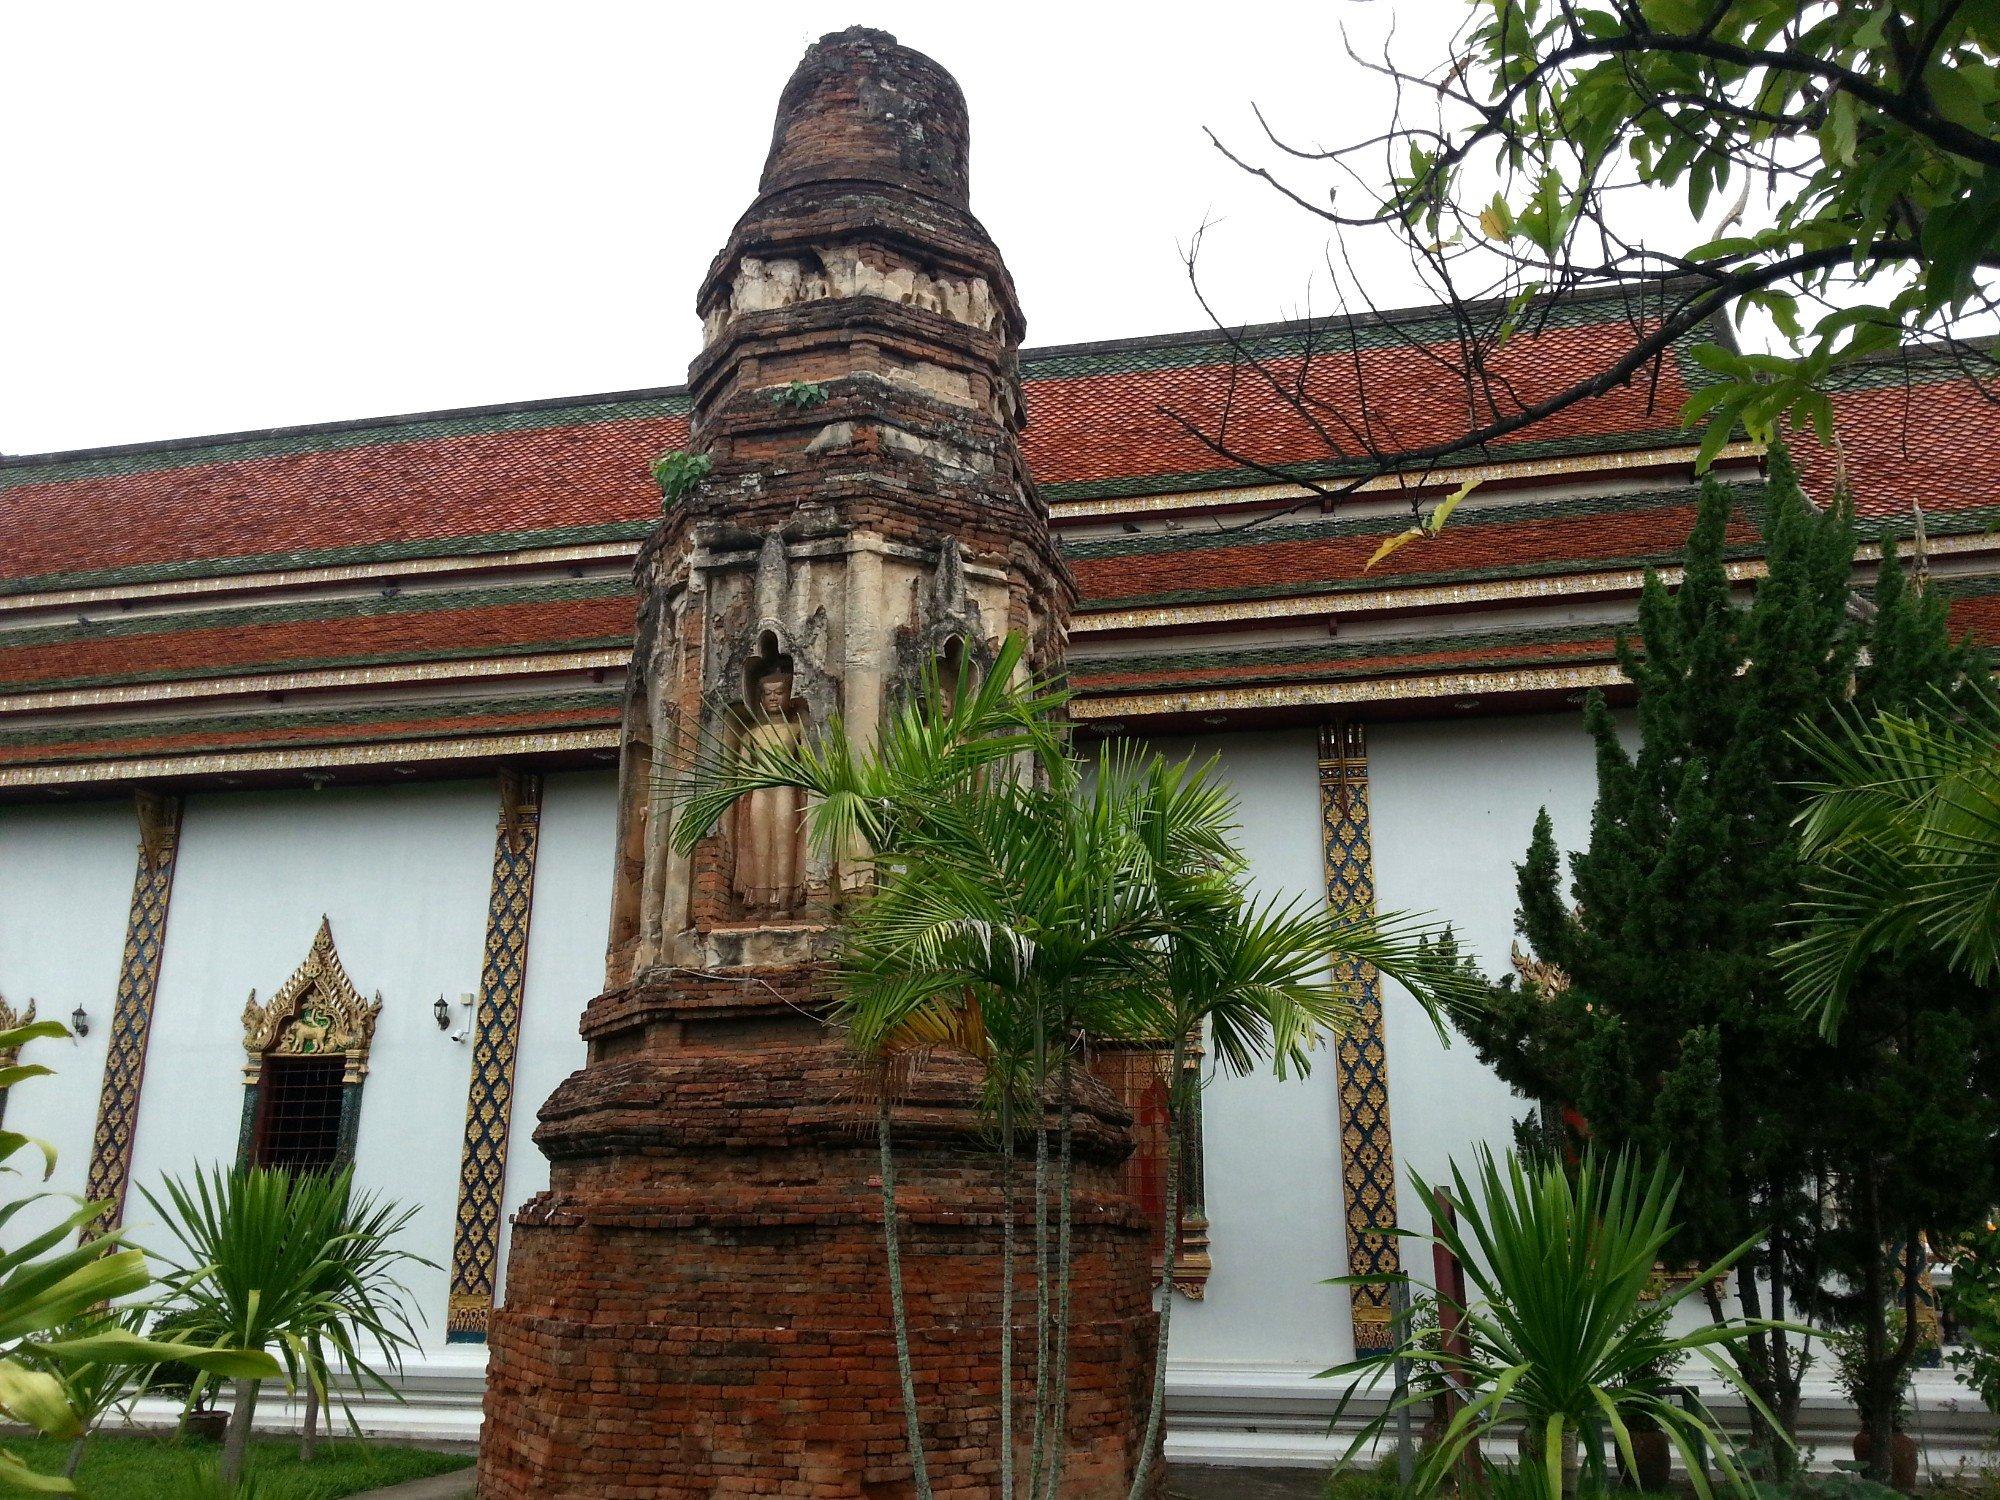 Ratana Chedi at Wat Chammathewi